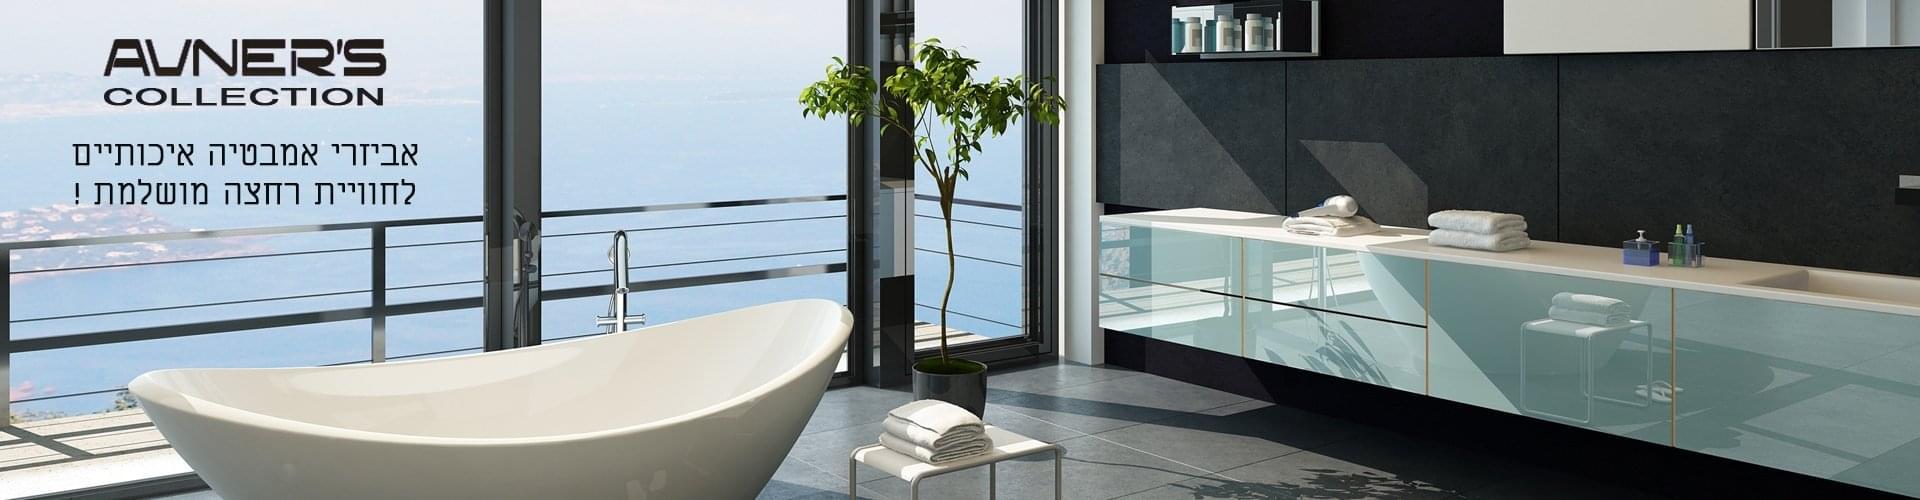 אביזרי אמבטיה איכותיים לחווית רחצה מושלמת